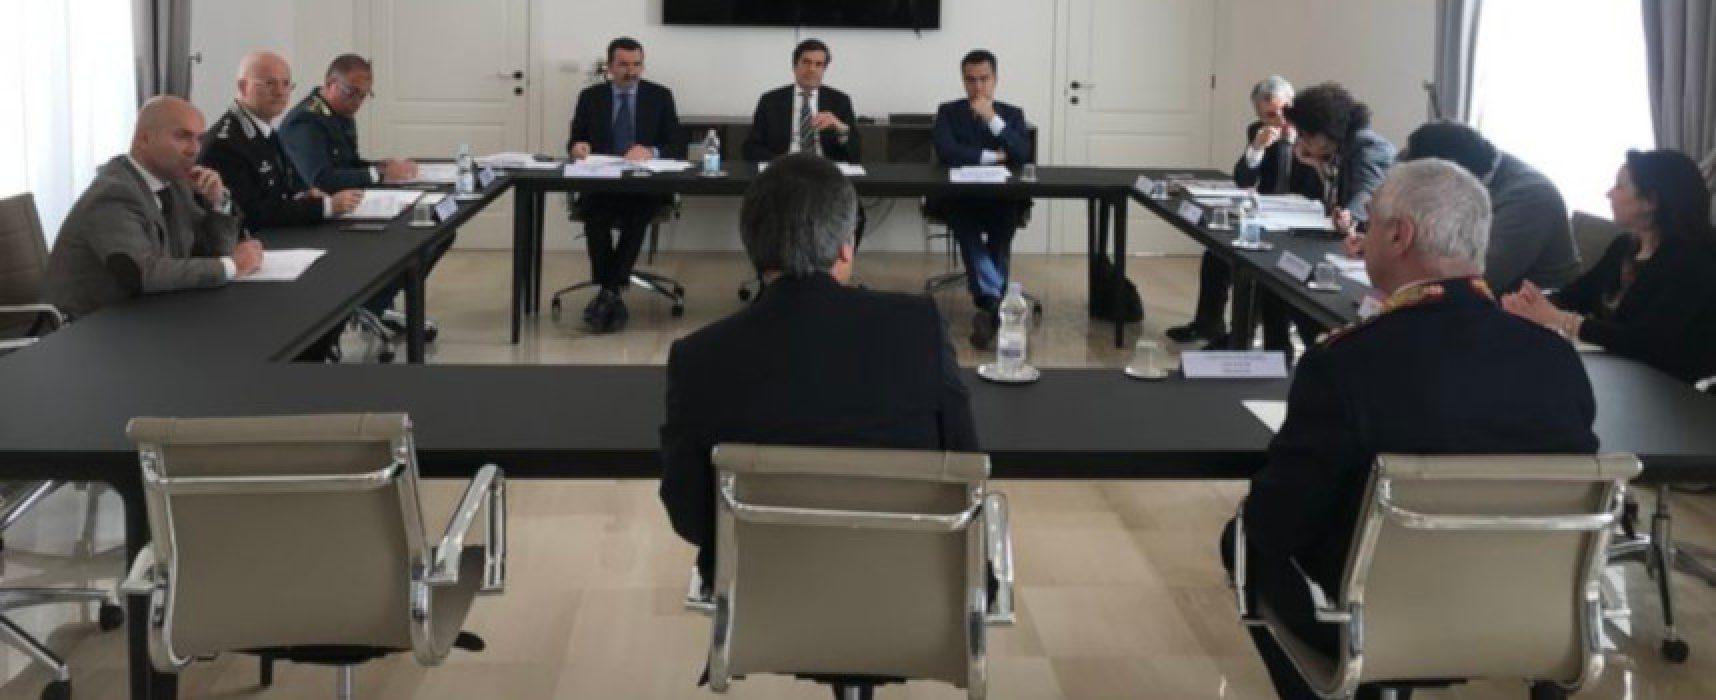 Prefettura: ieri 65 sanzioni, previsti Tavoli permanenti per ripartenza commercio e turismo